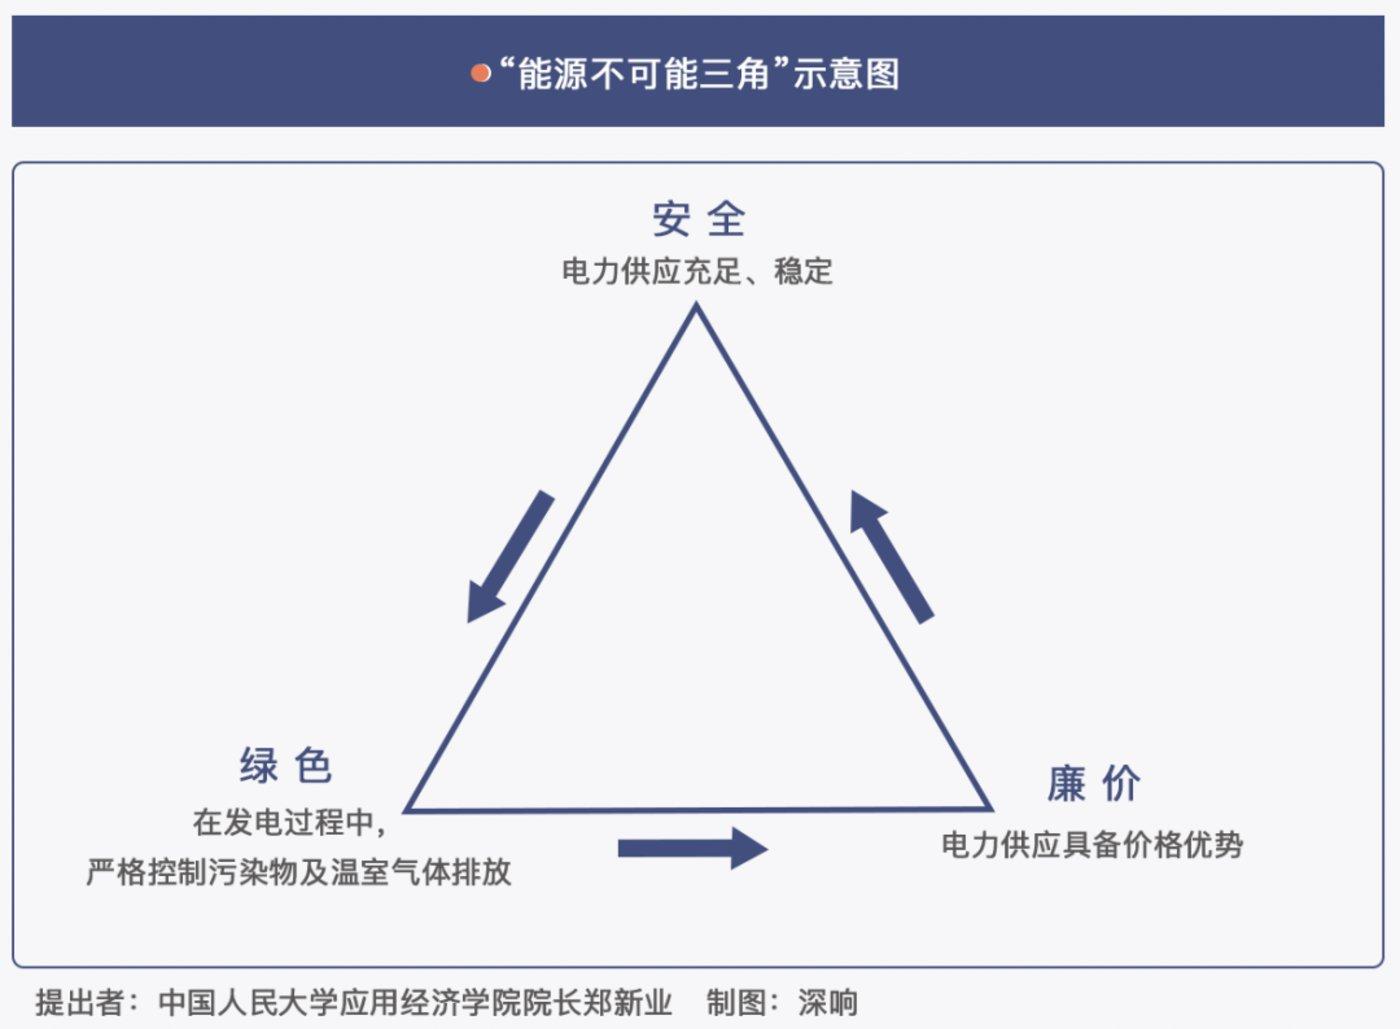 """来源:《突破""""不可能三角"""":中国能源革命的缘起、目标与实现路径》"""